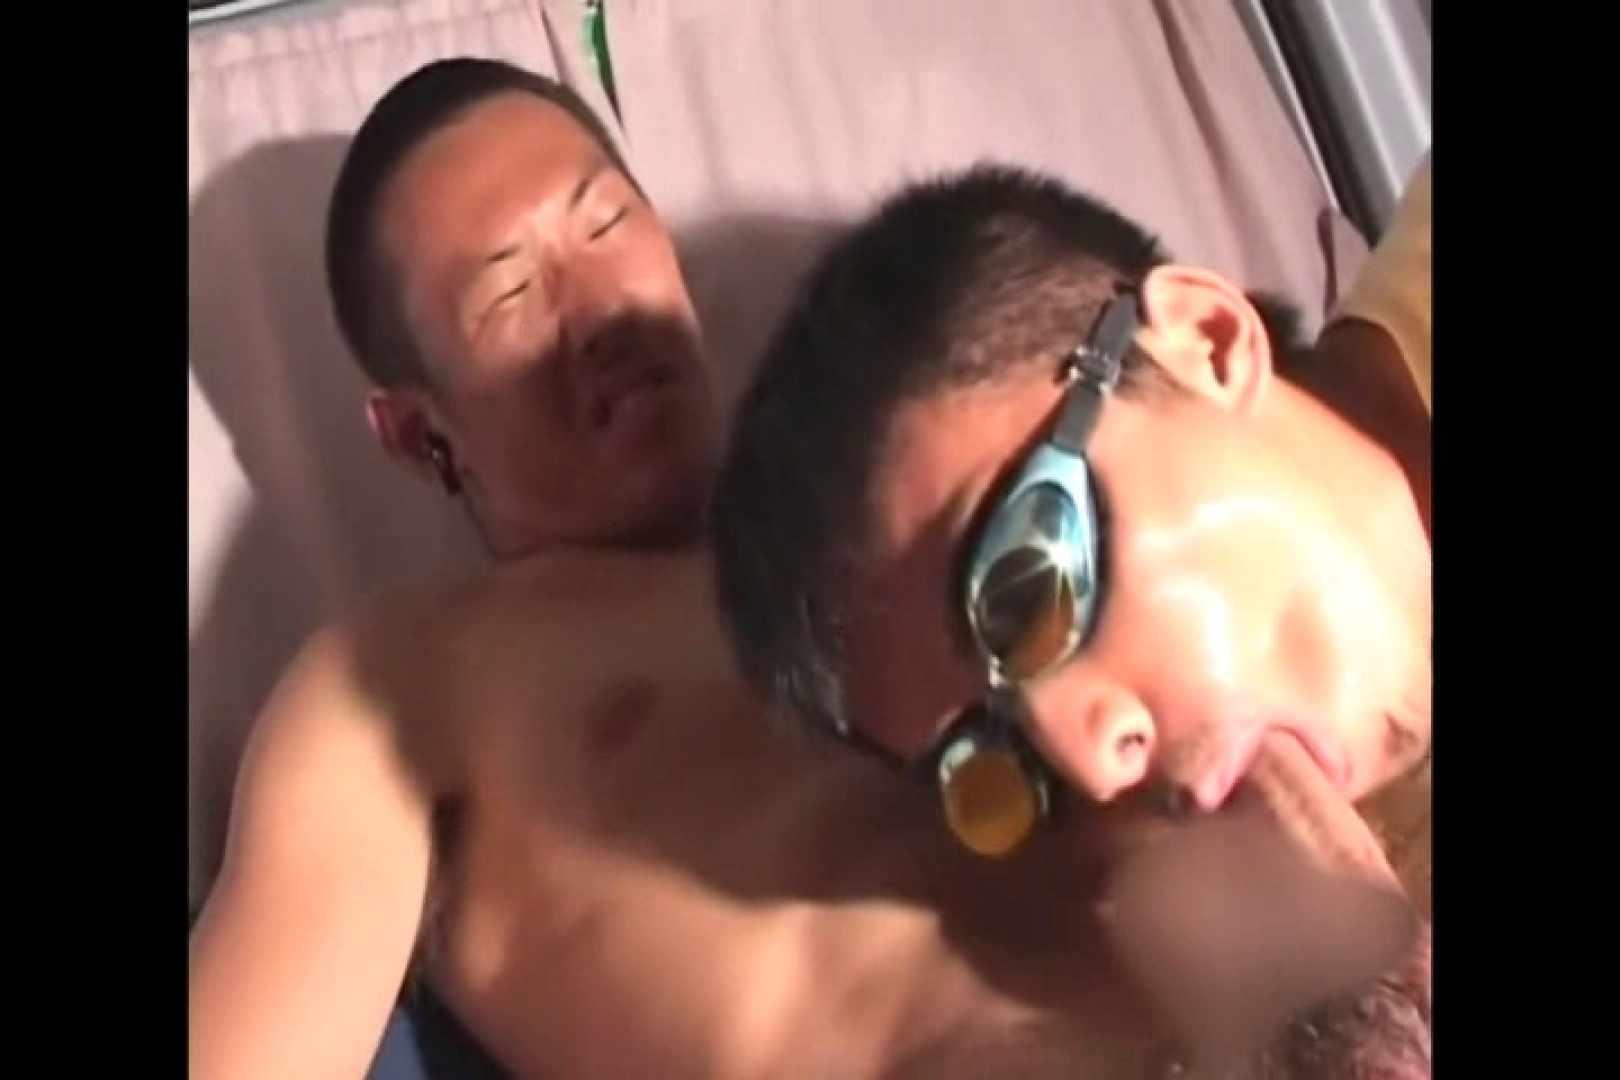 体育会系もっこり競技会file.05 スジ筋系男子 ゲイエロ画像 78枚 62